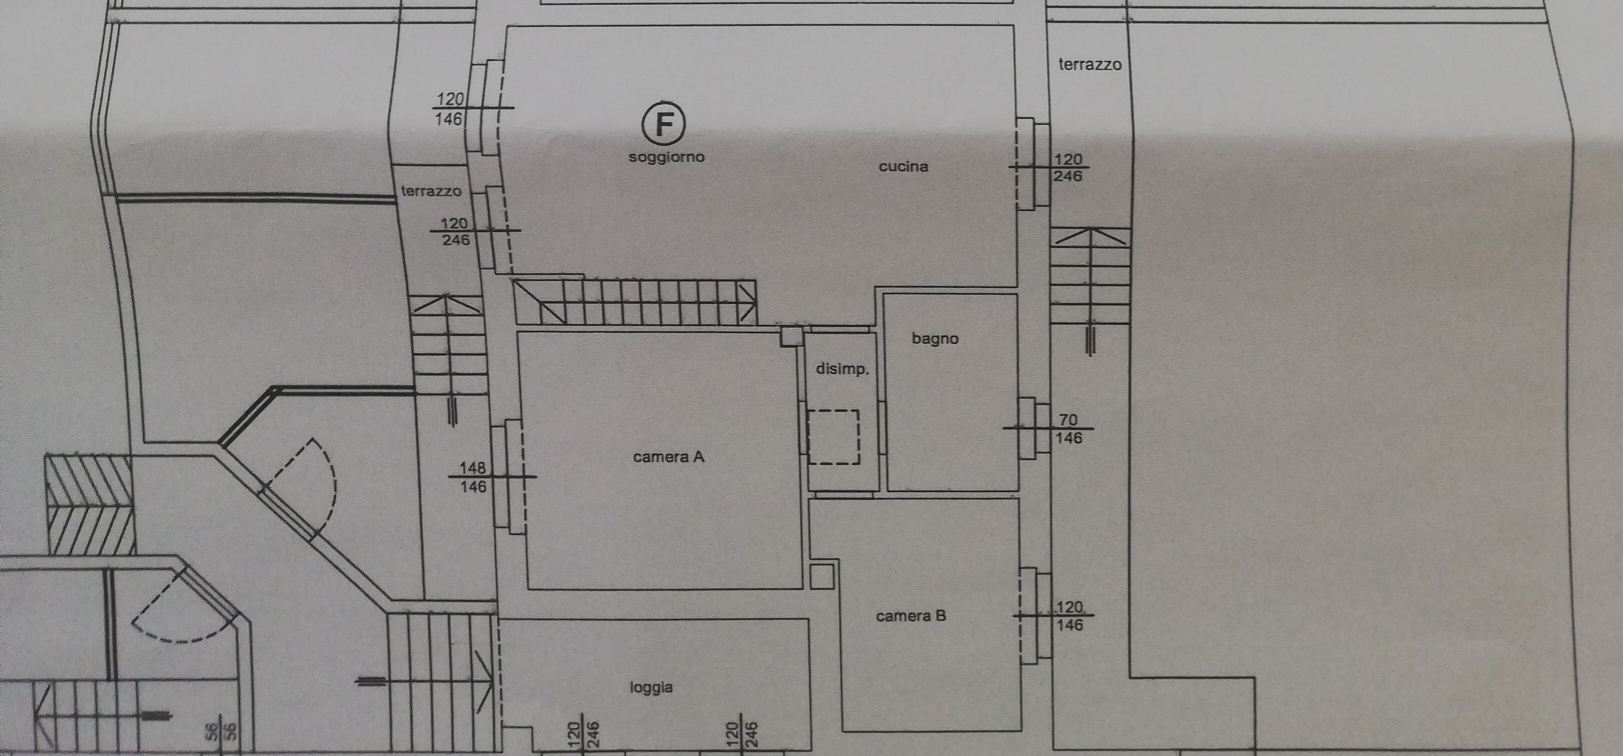 Planimetria /2 per rif. sd5199v